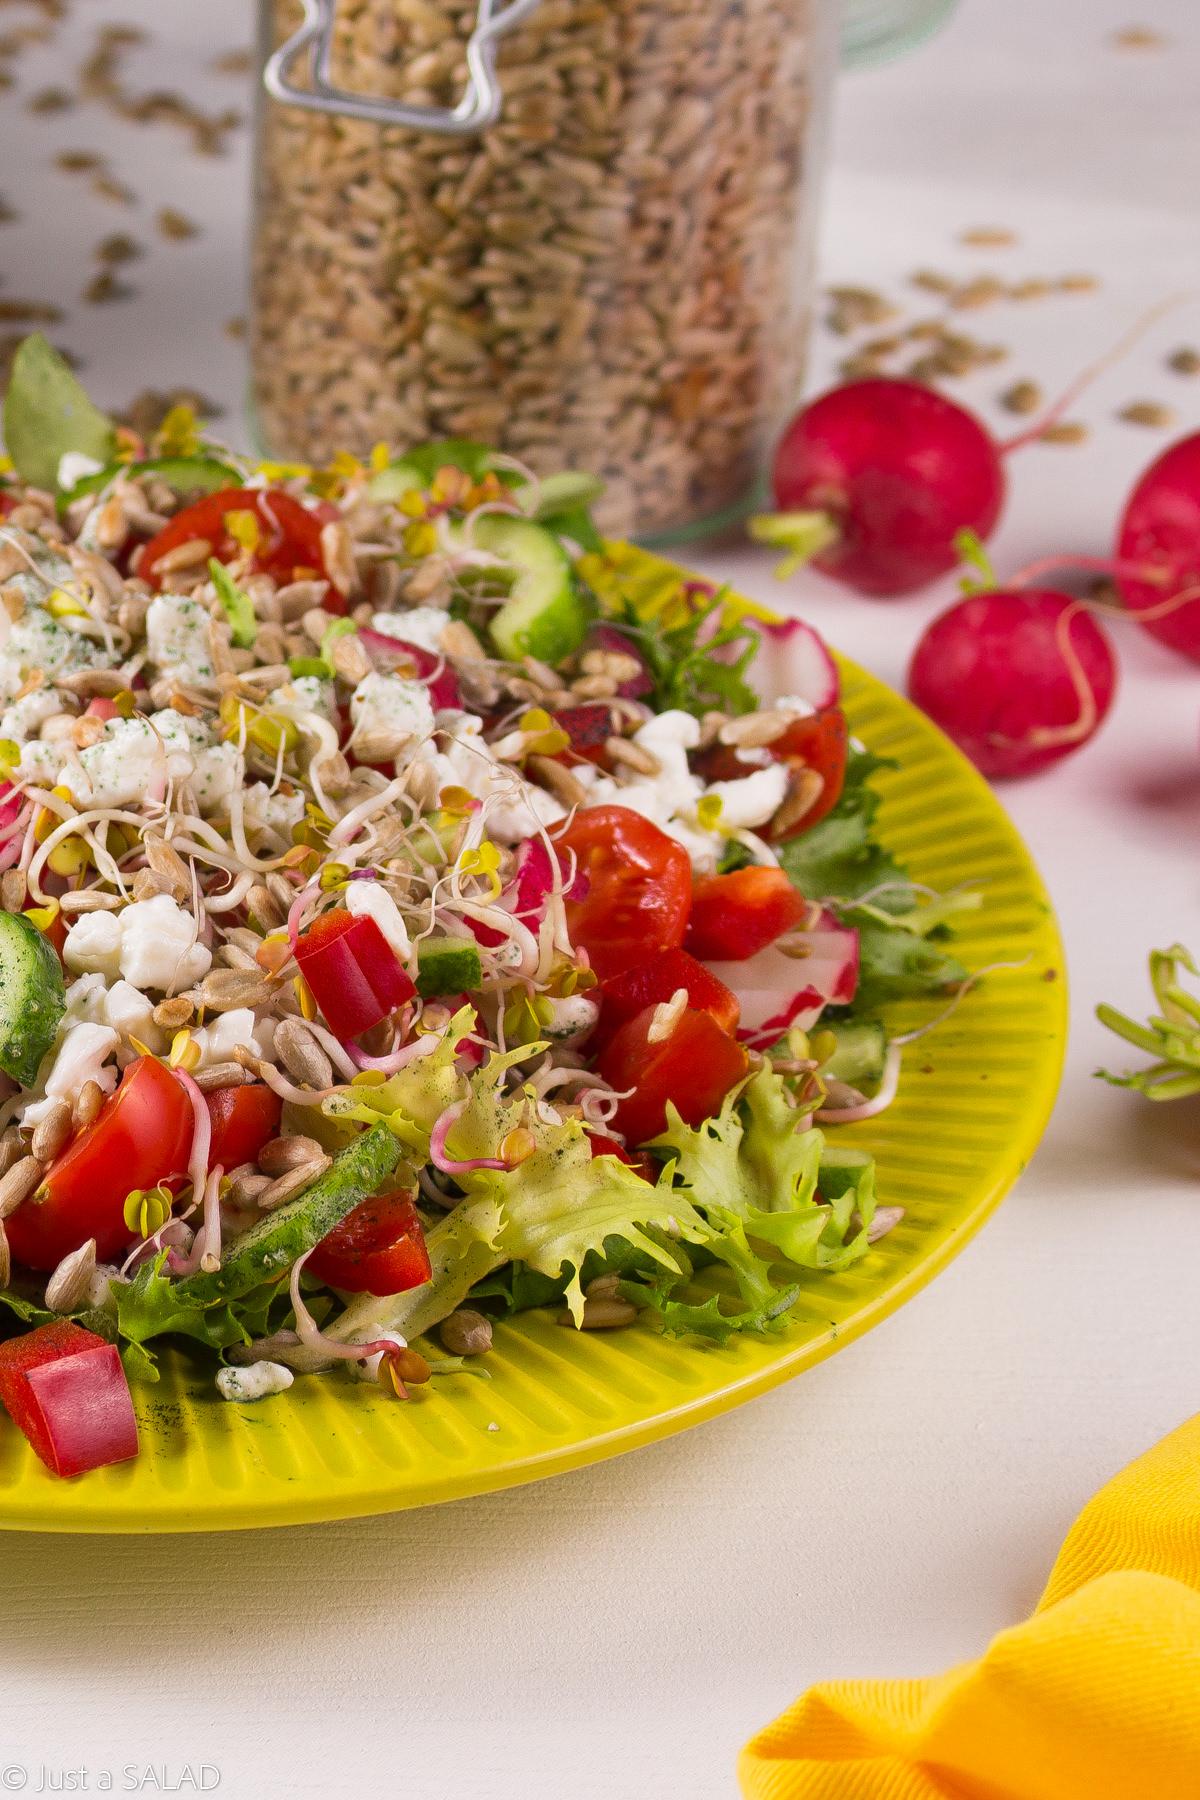 Wiejski KonseSEREK. Twarożek z serkiem wiejskim, mixem sałat oraz ogórkami, rzodkiewkami, pomidorkami, papryką, kiełkami rzodkiewki, pestkami słonecznika i dodatkiem spiruliny.